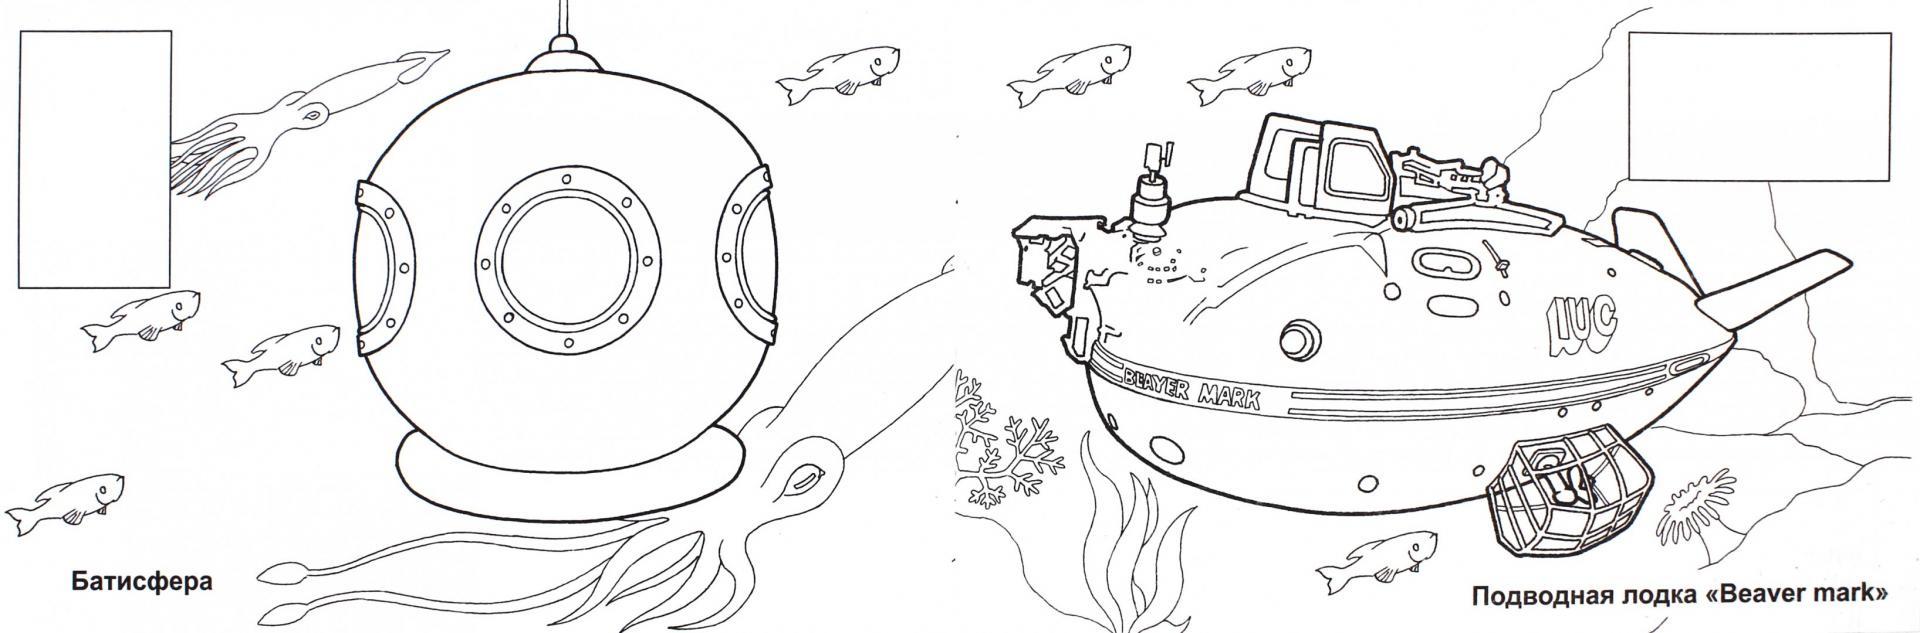 Иллюстрация 1 из 17 для Техника морских глубин | Лабиринт - книги. Источник: Лабиринт